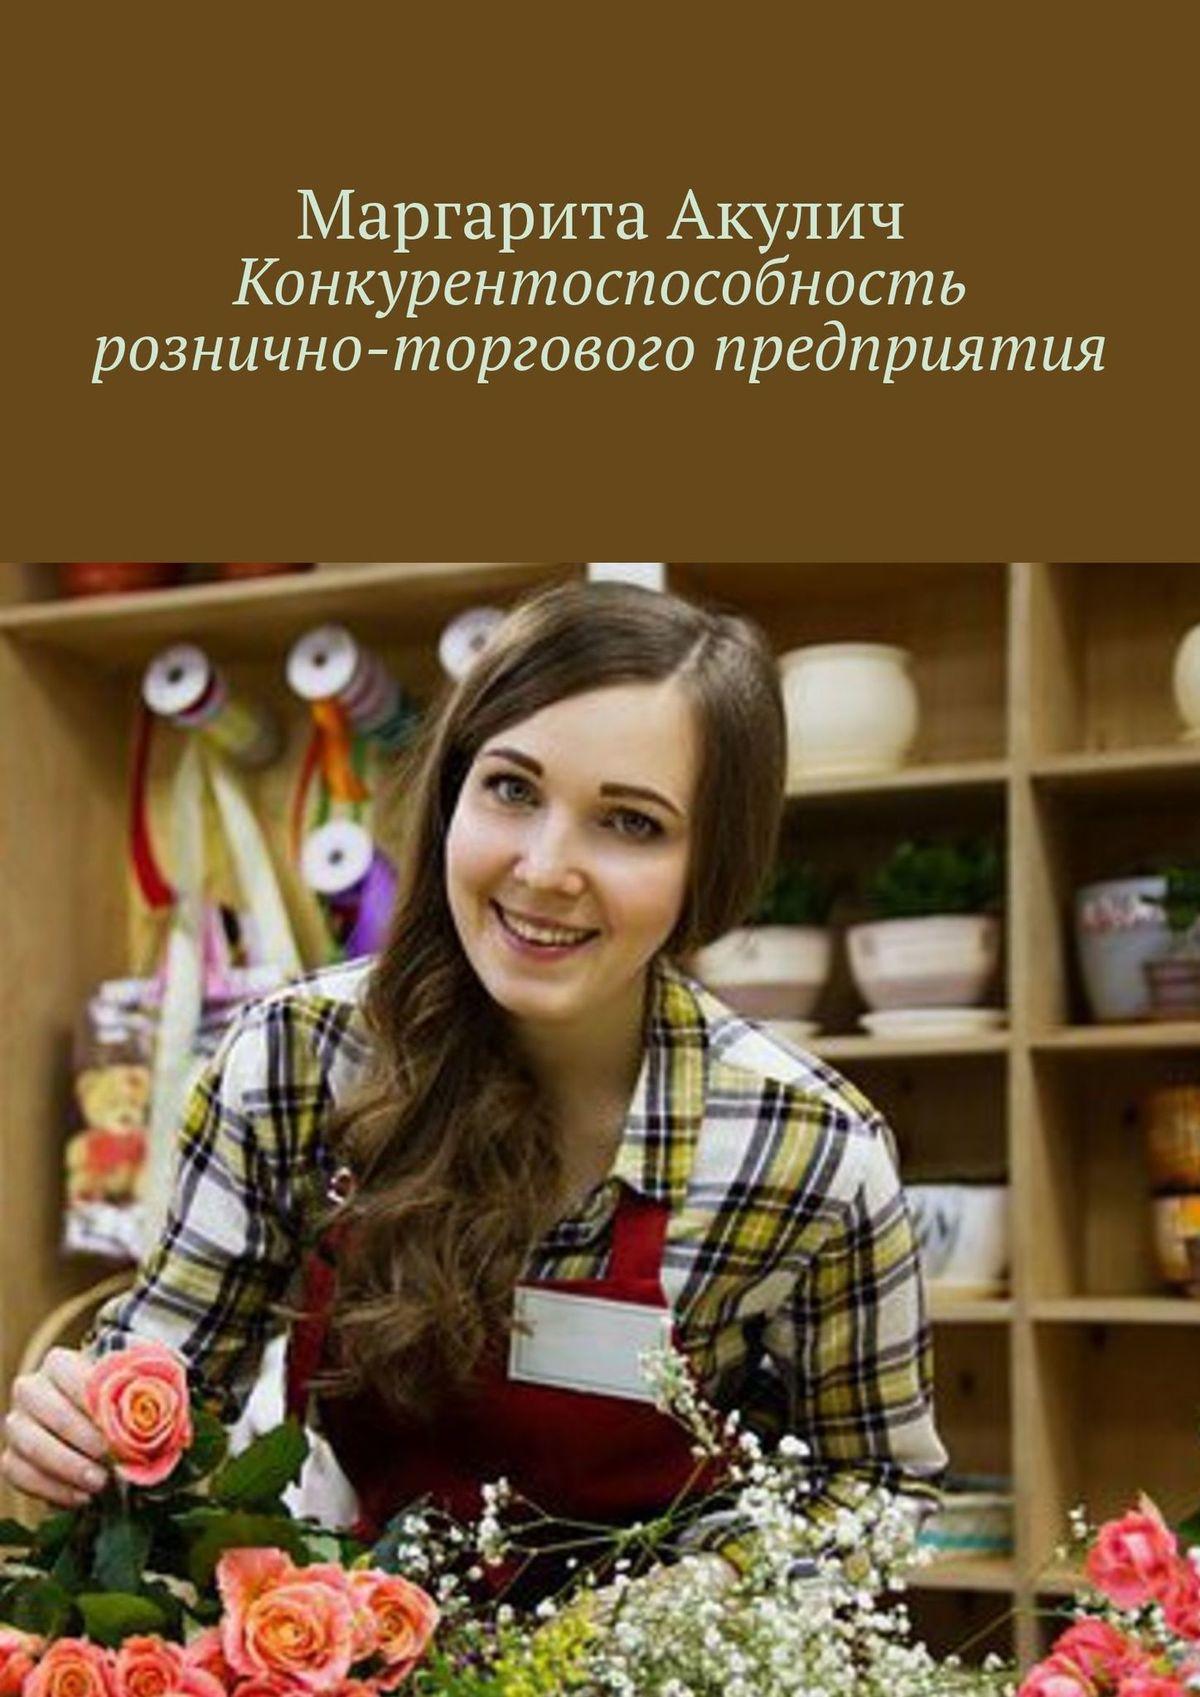 Маргарита Акулич. Конкурентоспособность рознично-торгового предприятия